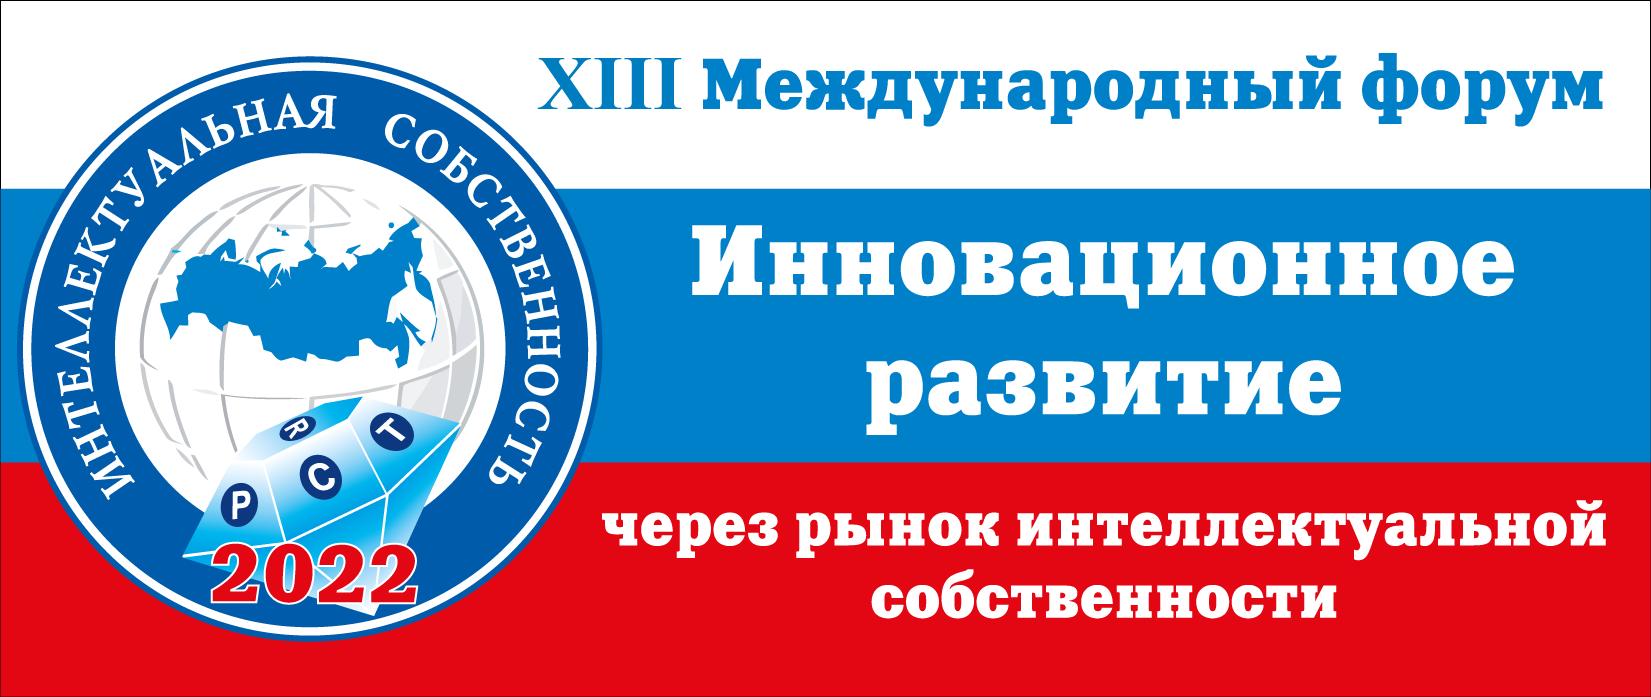 XIII Международный Форум «Инновационное развитие через рынок интеллектуальной собственности»